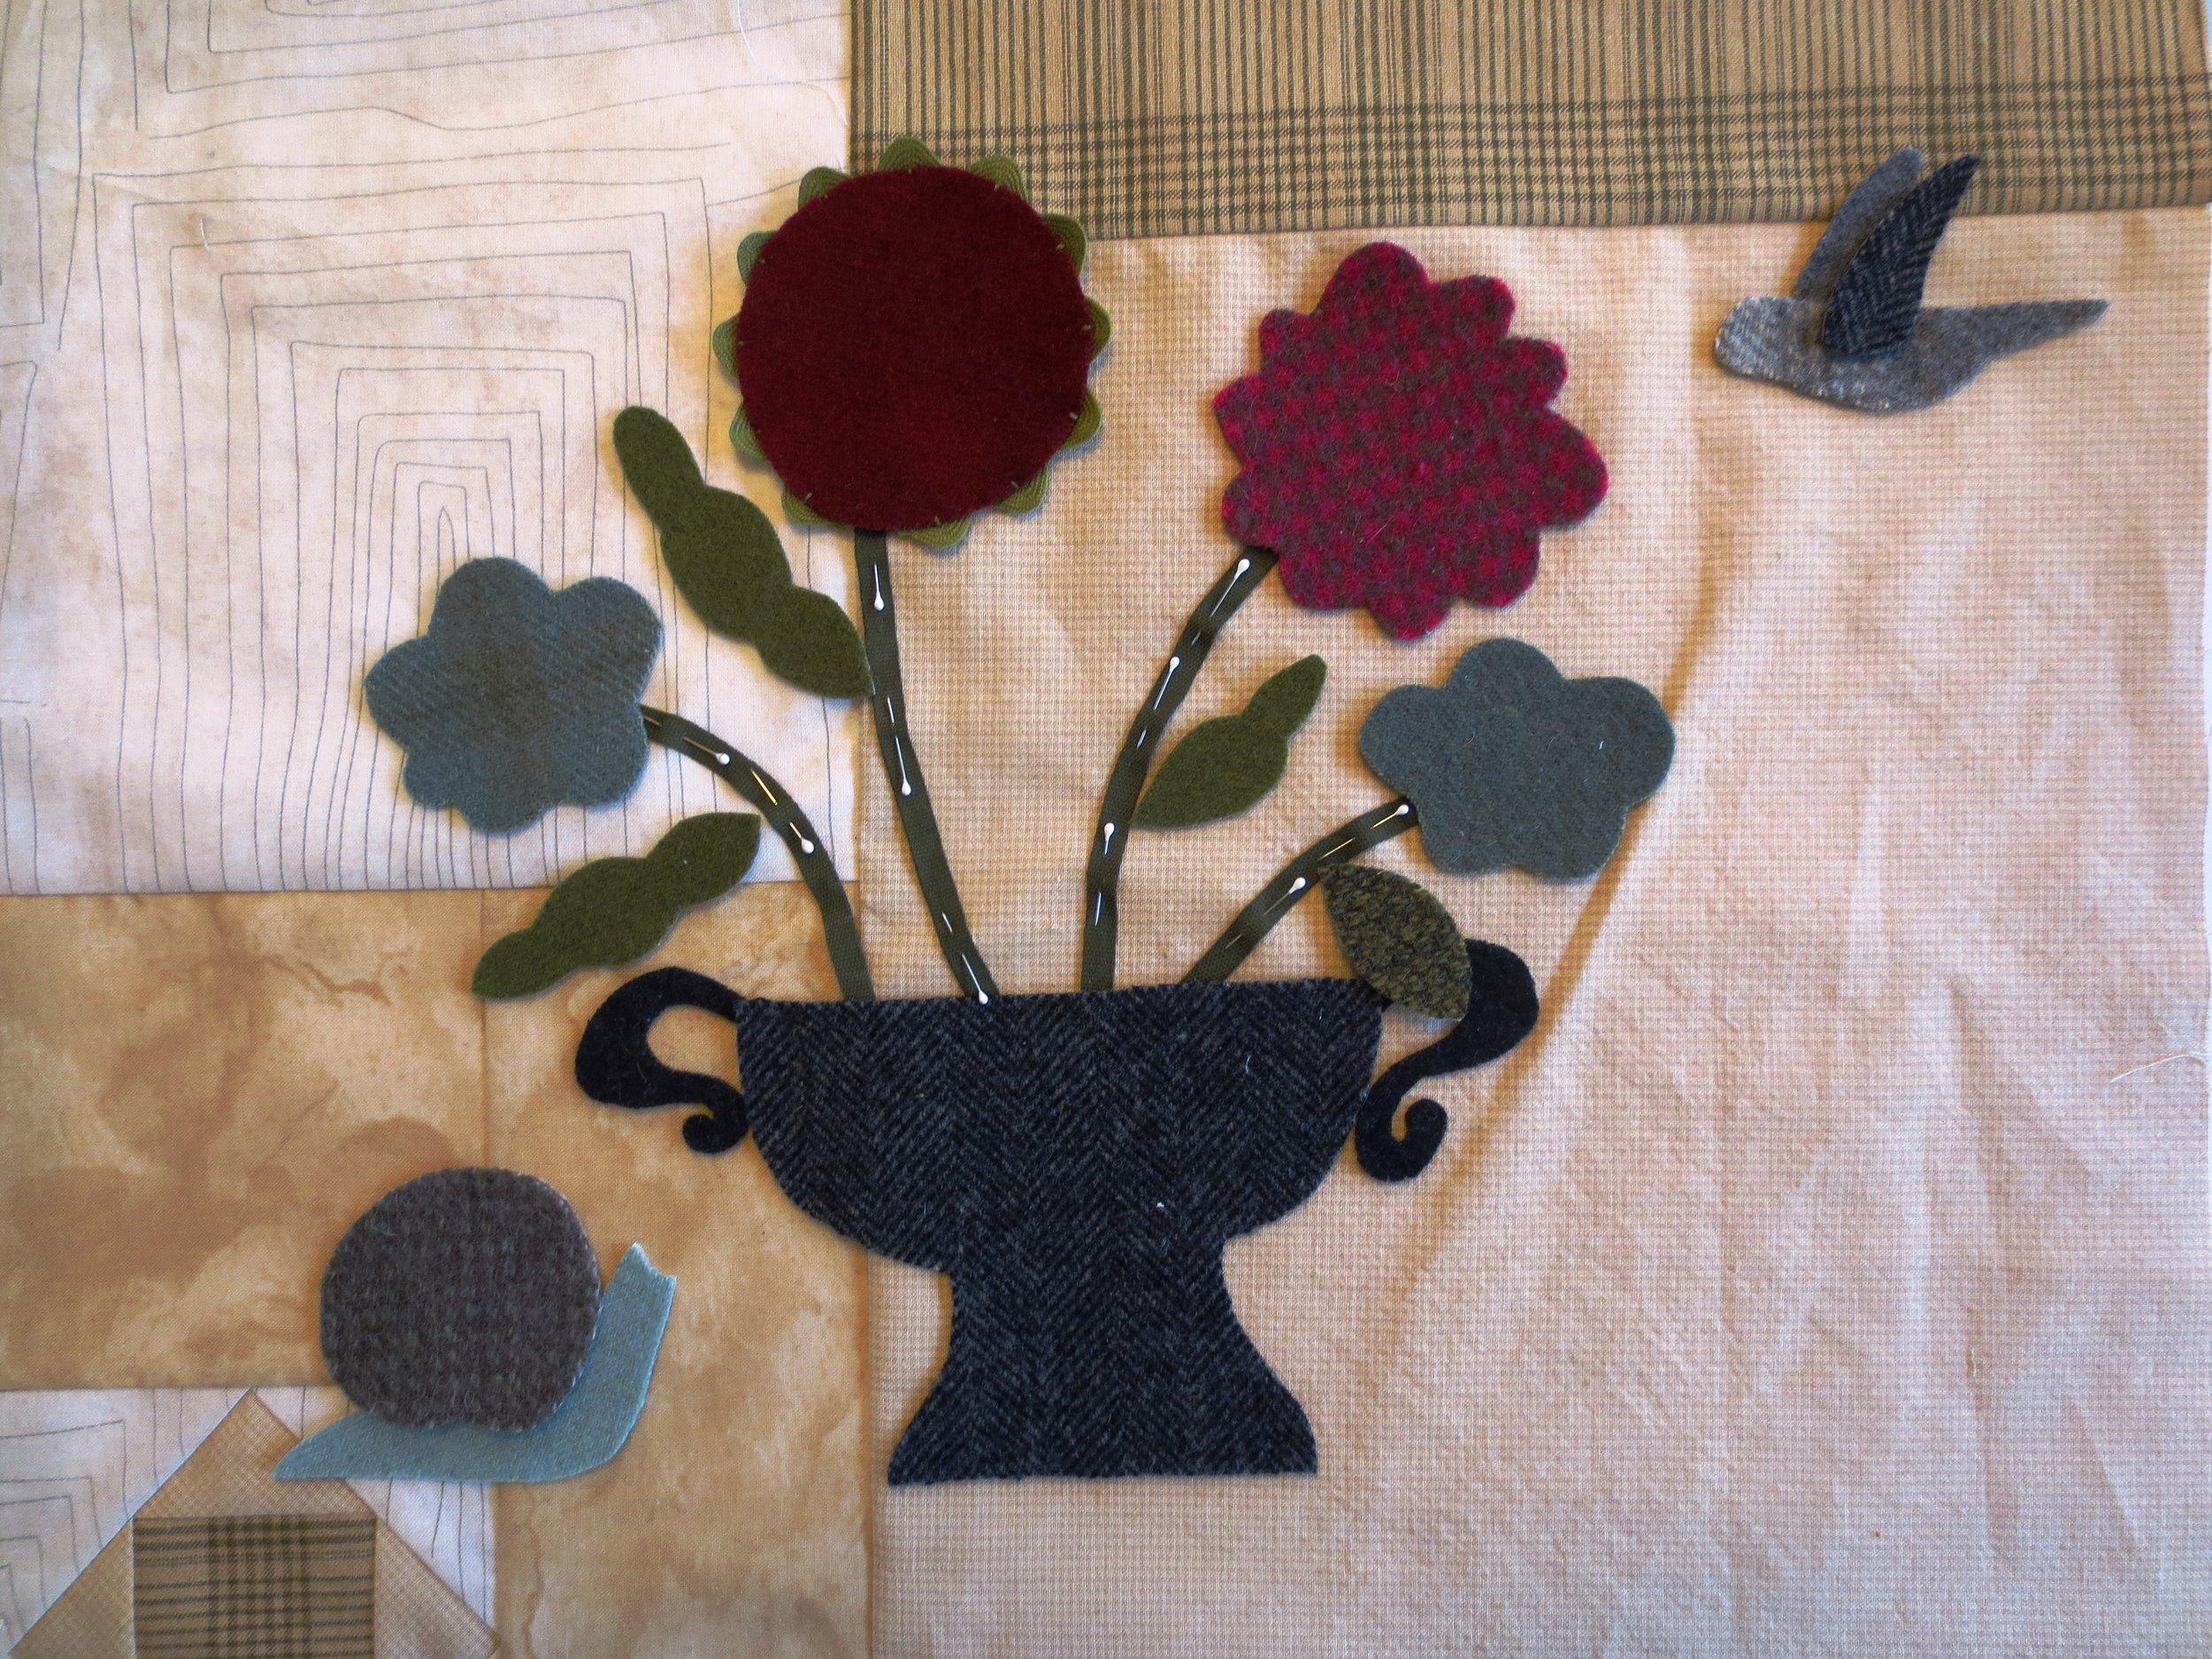 Flowers from my garden block #3 layout wool & stems.jpg